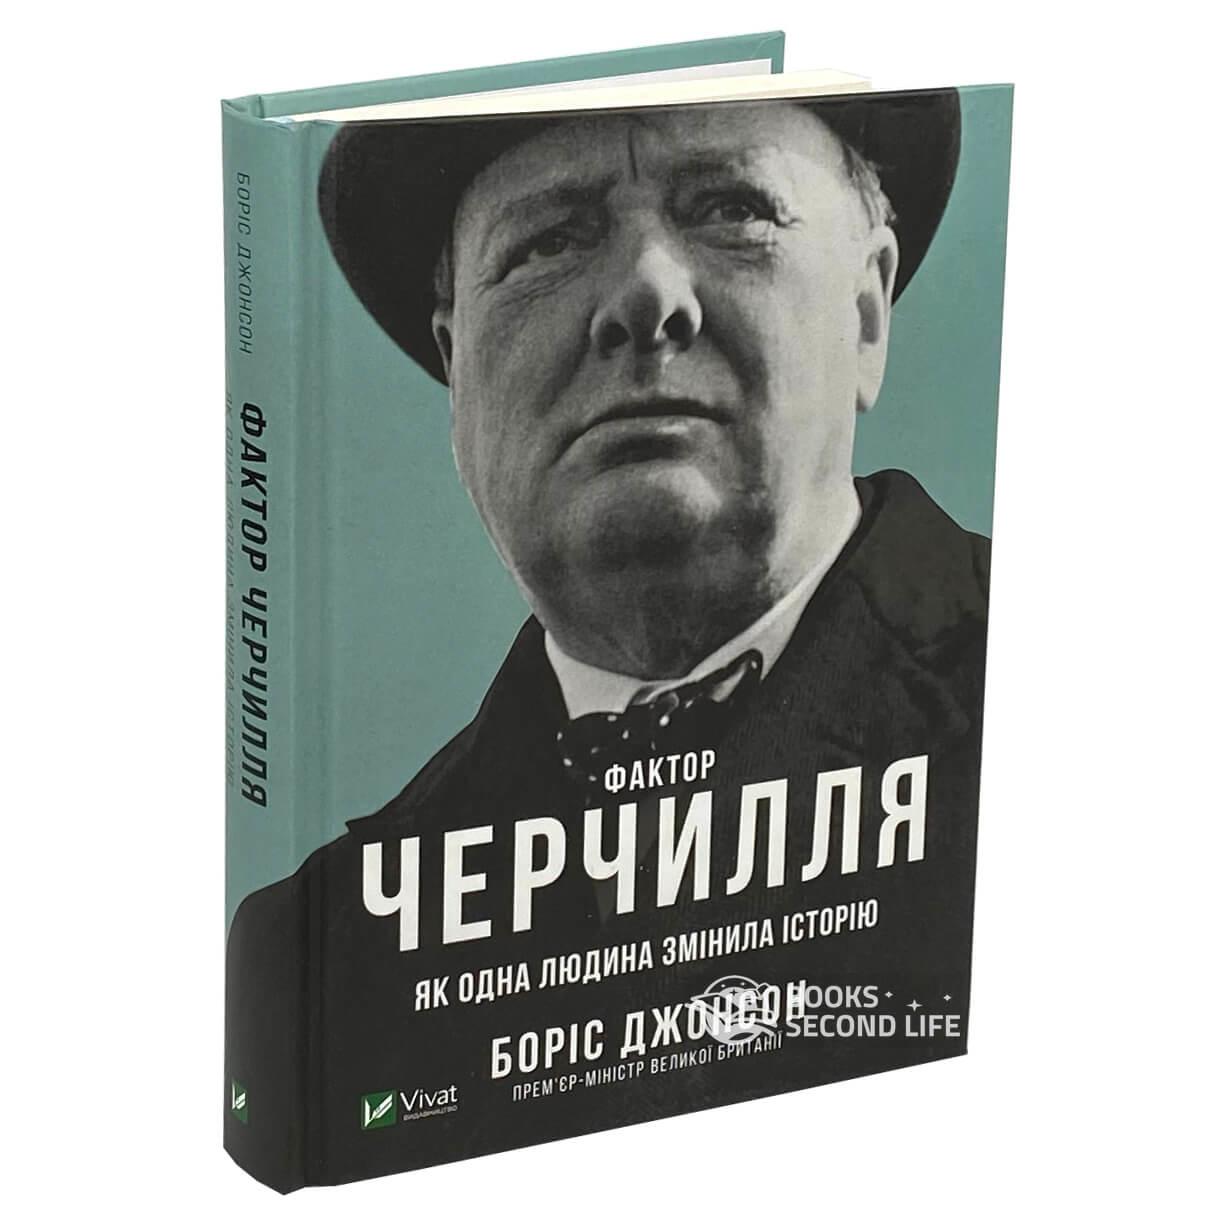 Фактор Черчилля Як одна людина змінила історію. Автор — Борис Джонсон. Переплет —